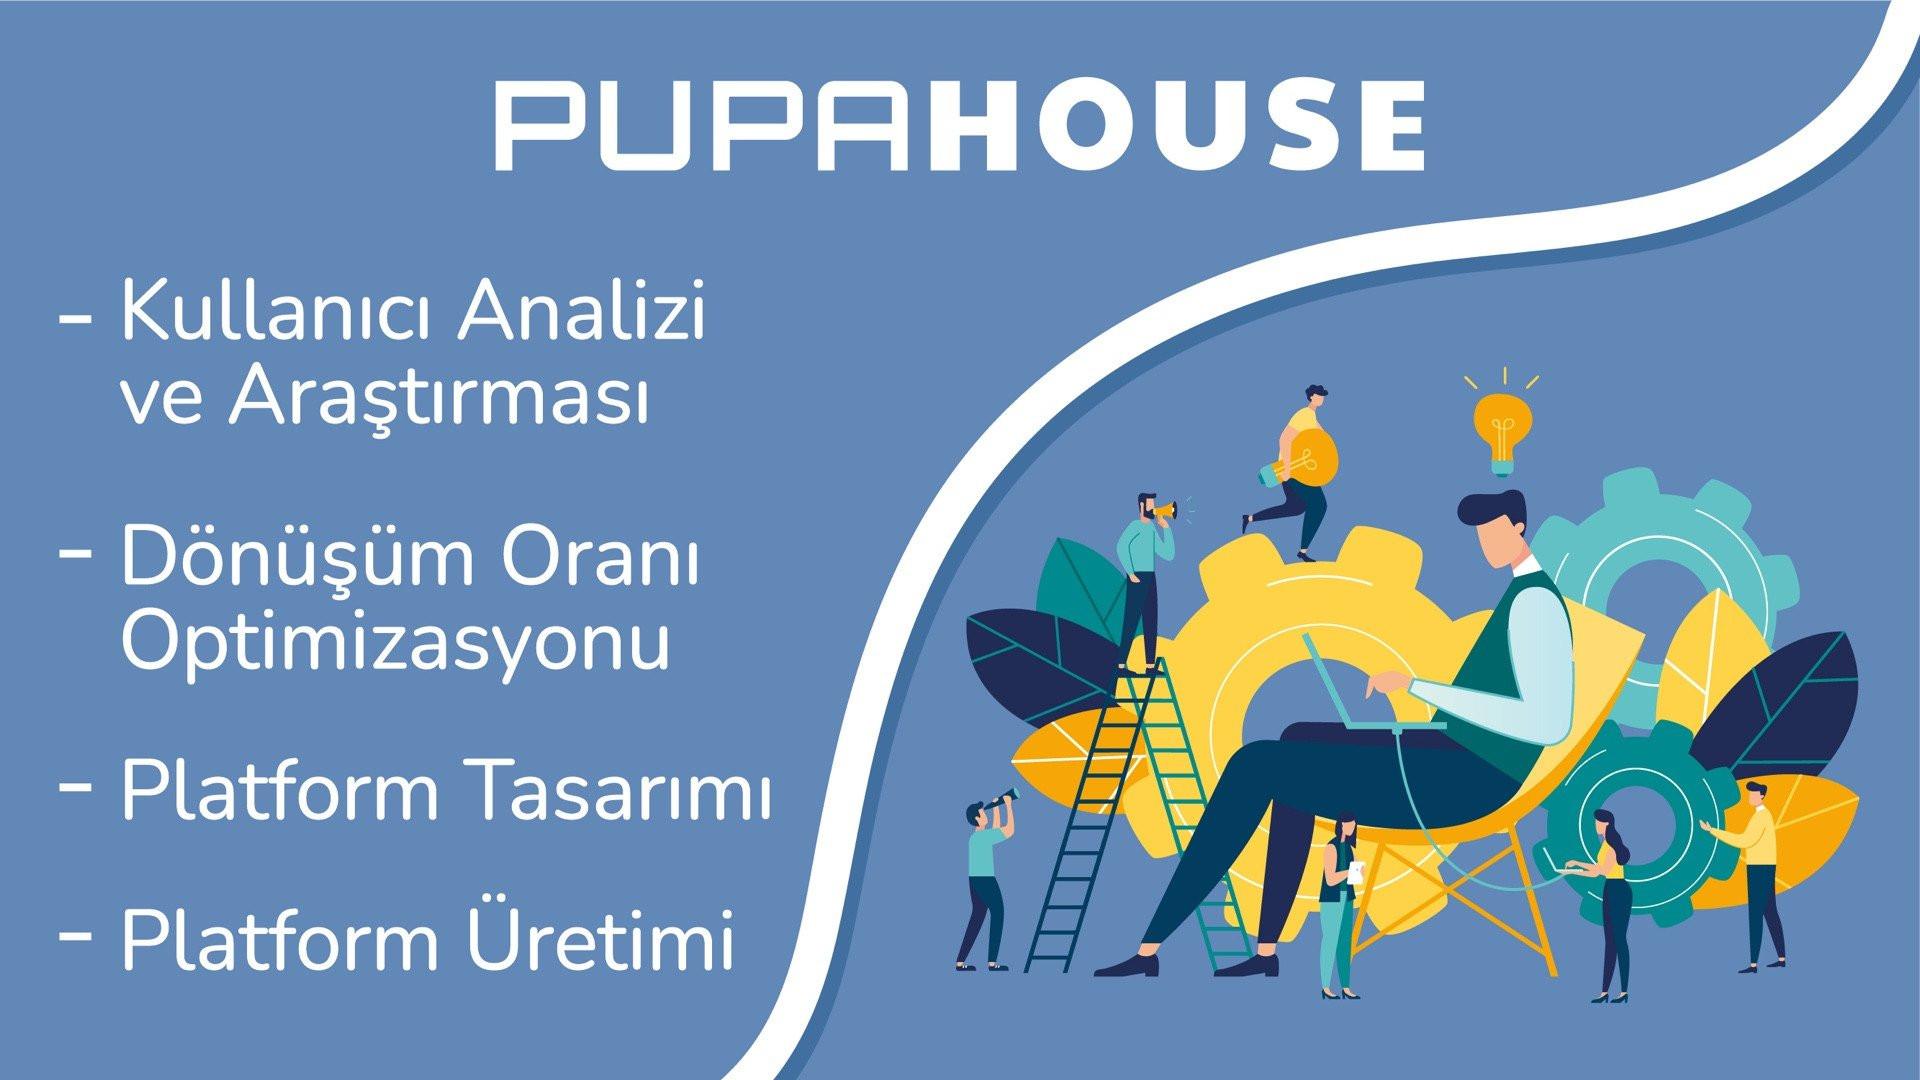 PupaHouse uzman ekibiyle Dijital İş Tasarımı hizmetlerini arttırdı